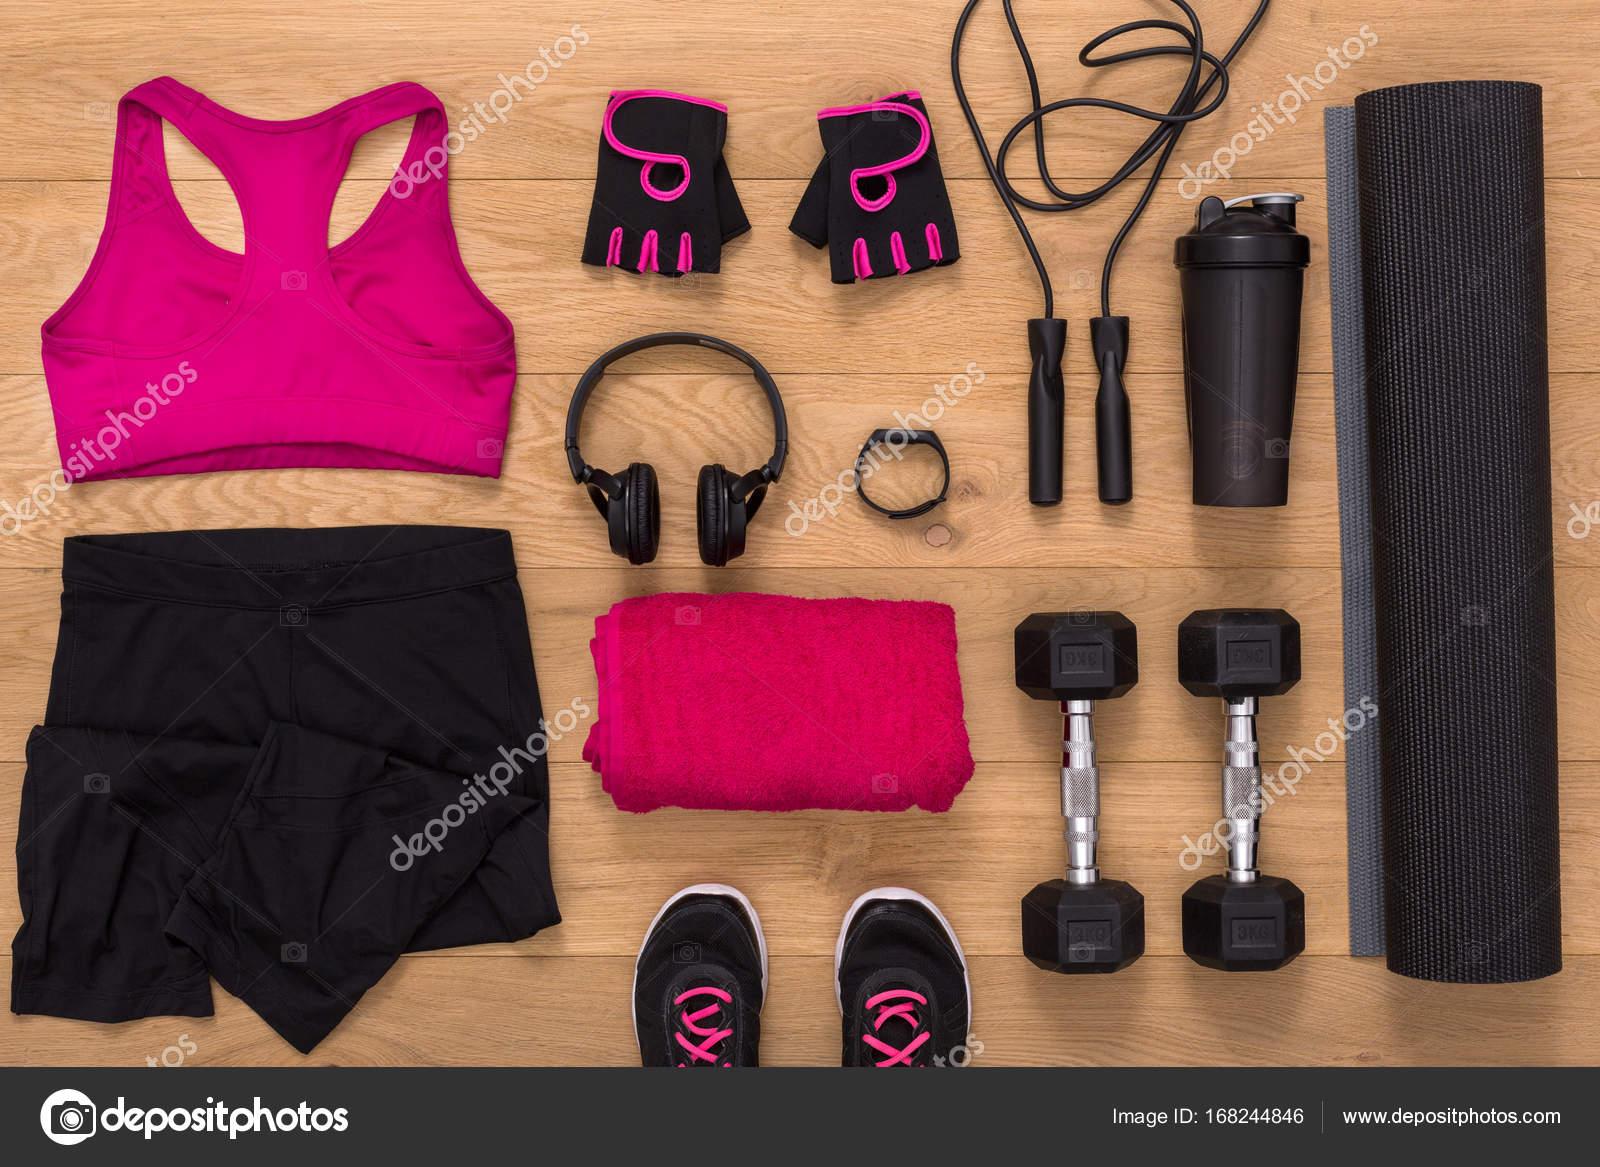 Ven ropa deportiva femenina y parte superior del equipo. Conjunto de ropa  fitness y accesorios para mujeres en madera ed7d3da581f0b